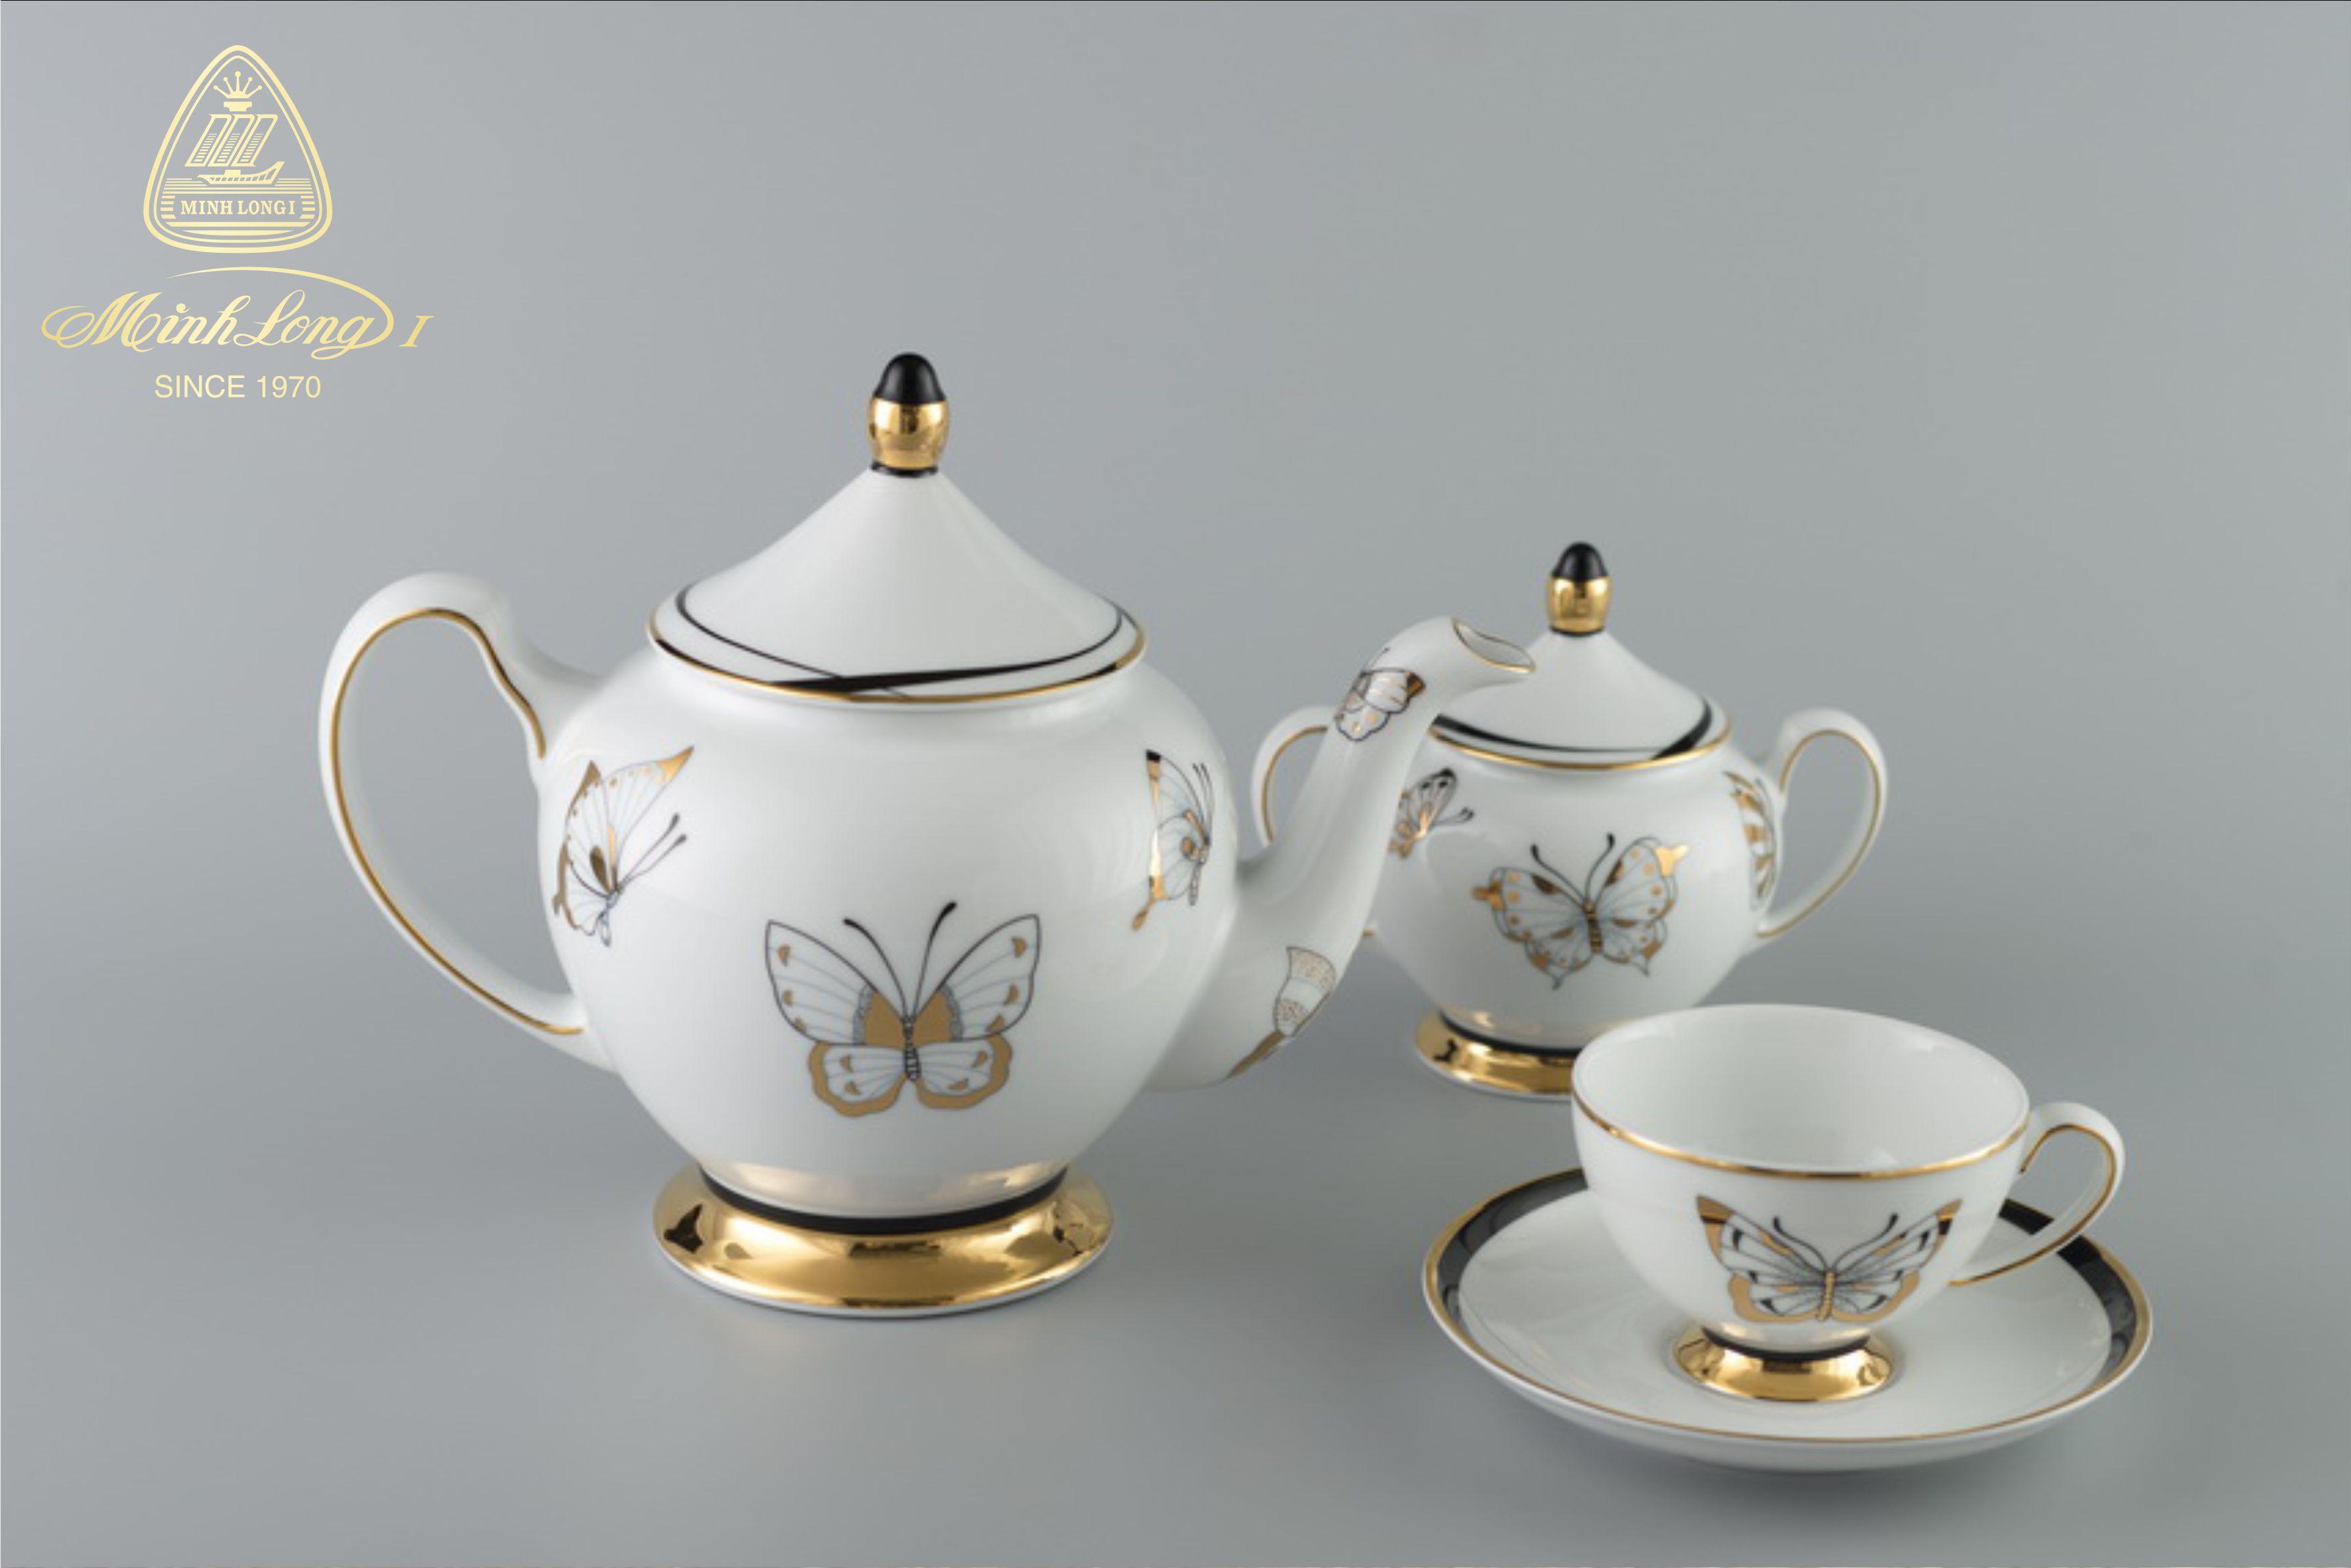 Bộ trà 1,3L Hoàng Cung Hoàng Điệp 01134026803 Minh Long